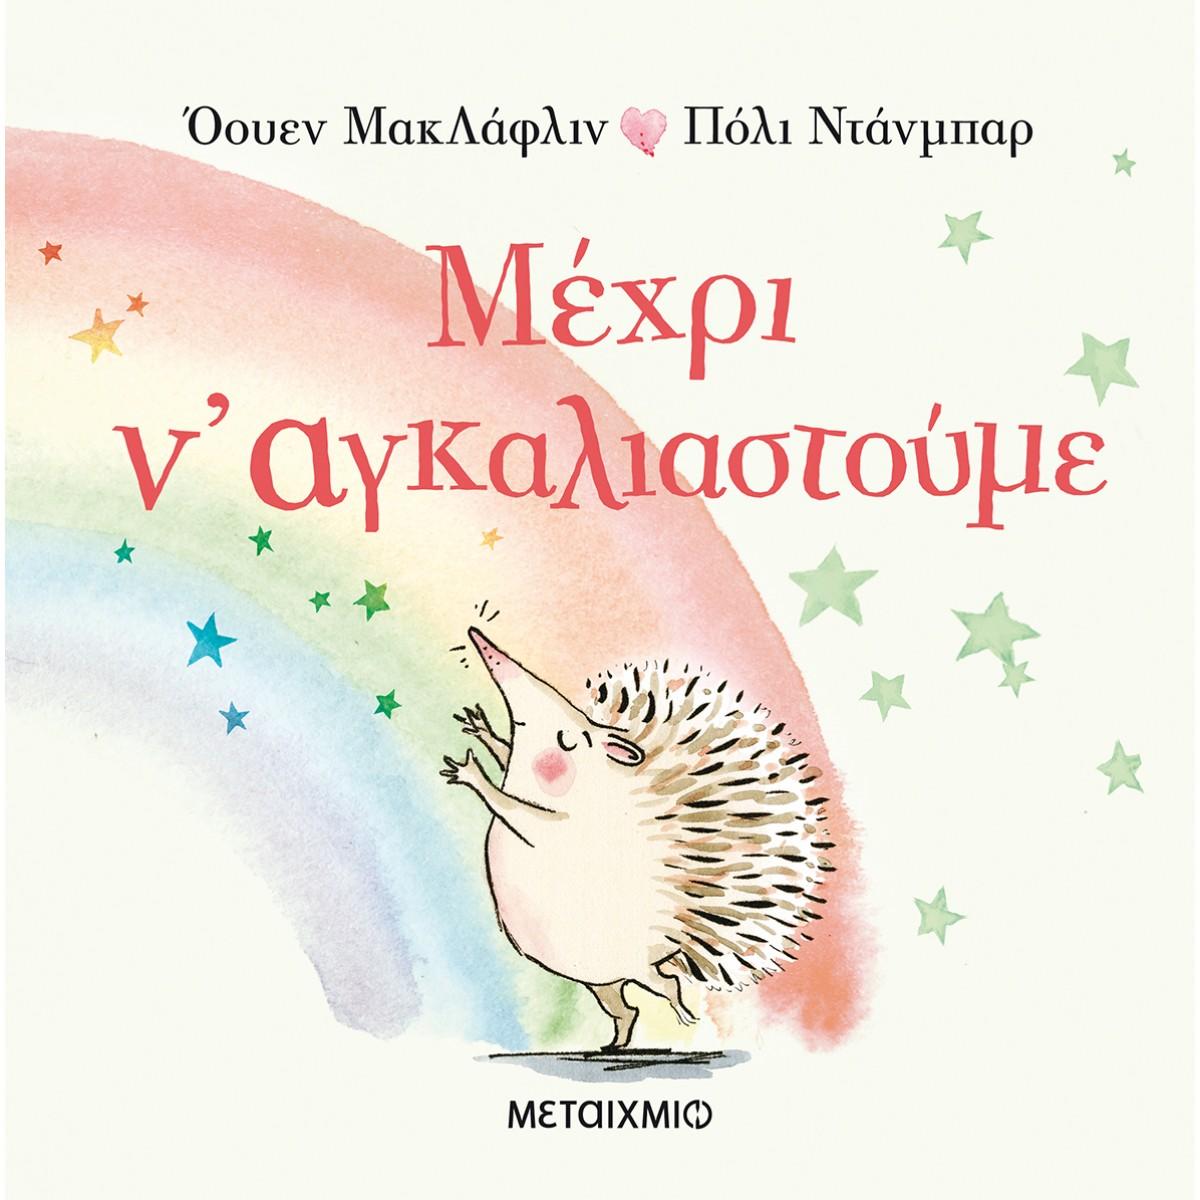 ΜΕΧΡΙ Ν' ΑΓΚΑΛΙΑΣΤΟΥΜΕ